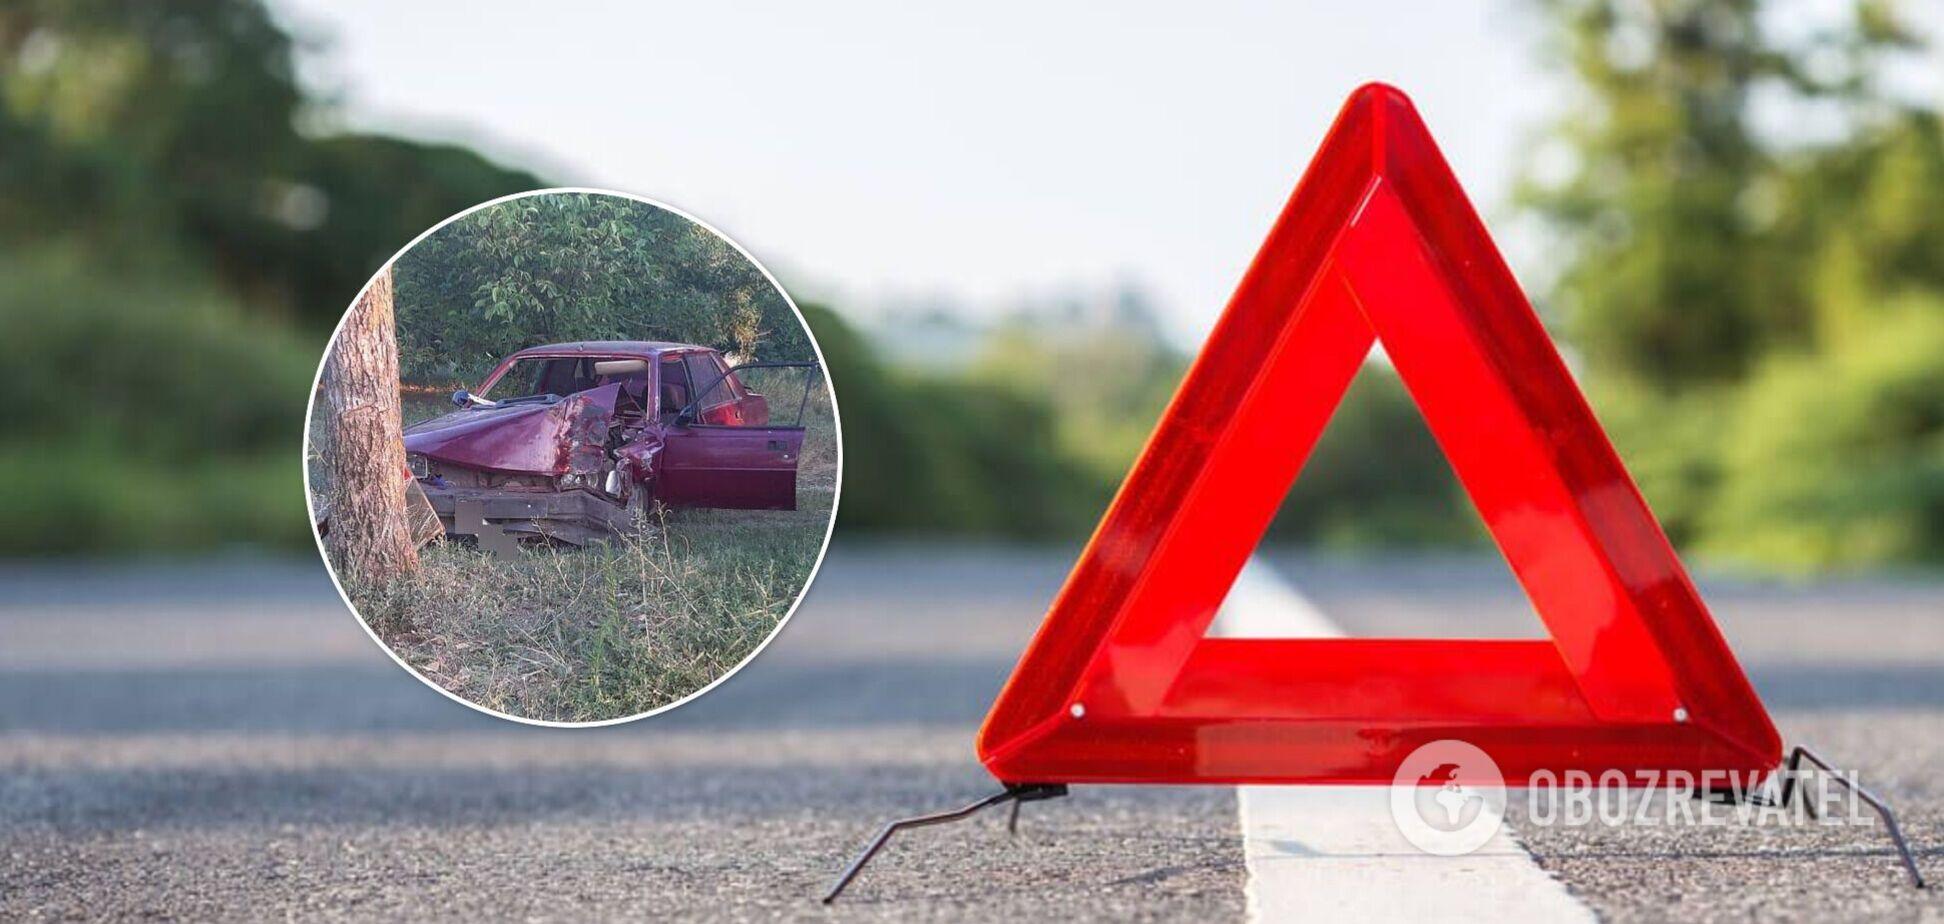 На Николаевщине легковушка врезалась в дерево: водитель погиб. Фото